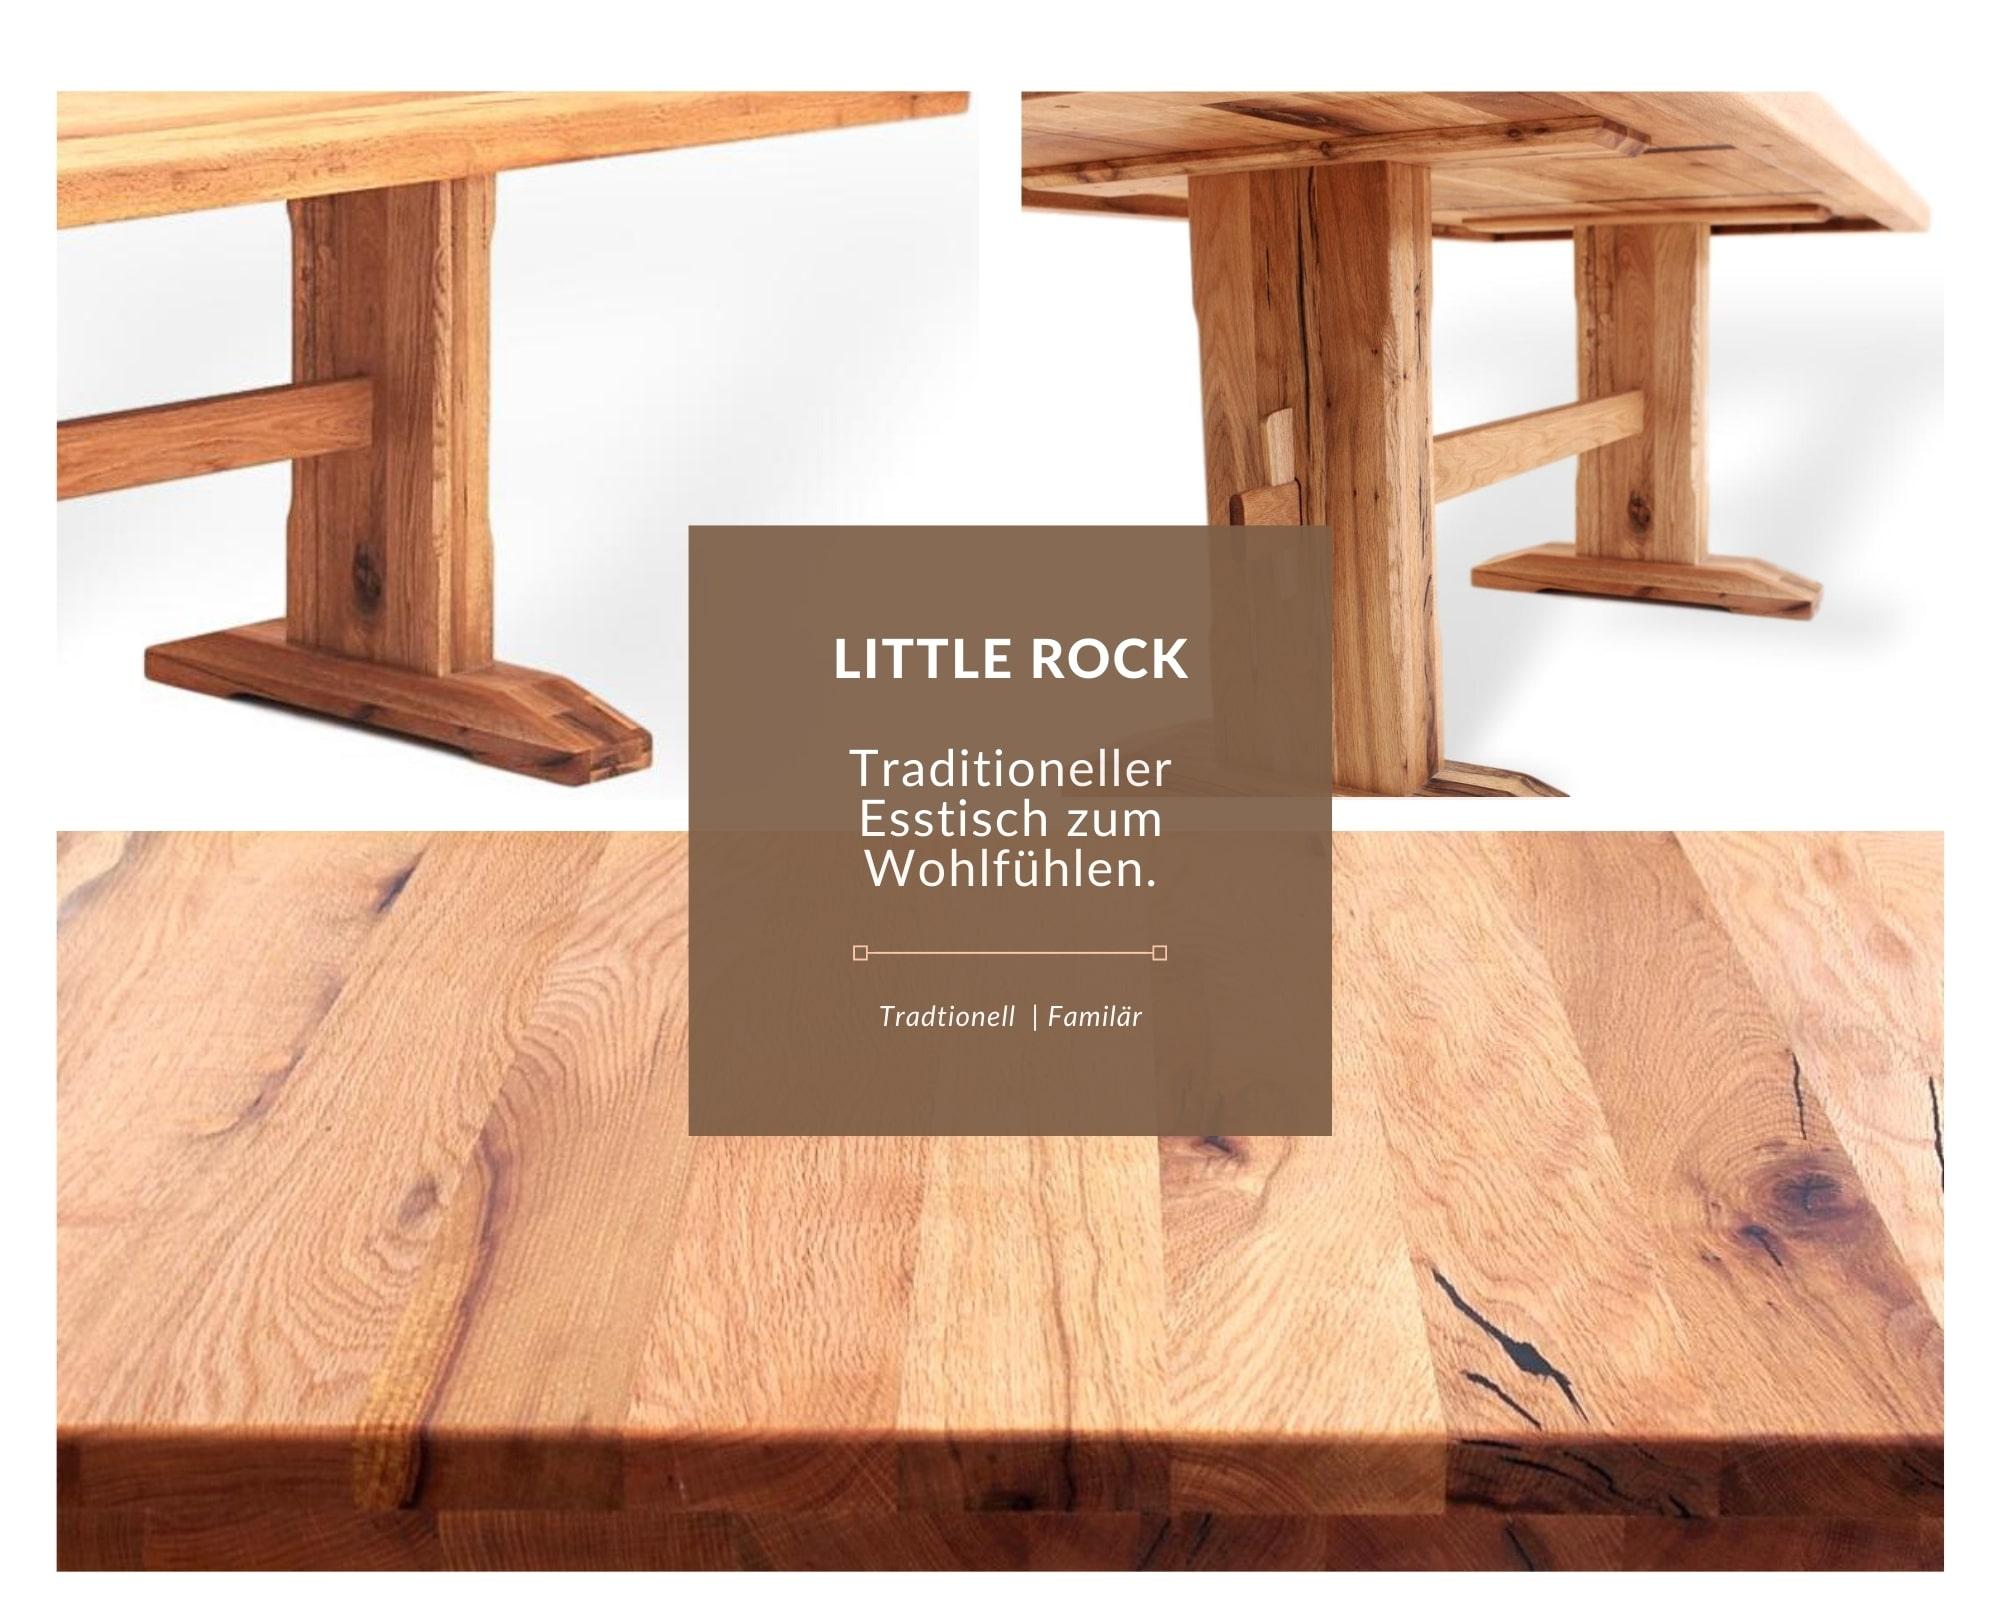 Klassischer esstisch aus massivholz-modern-details